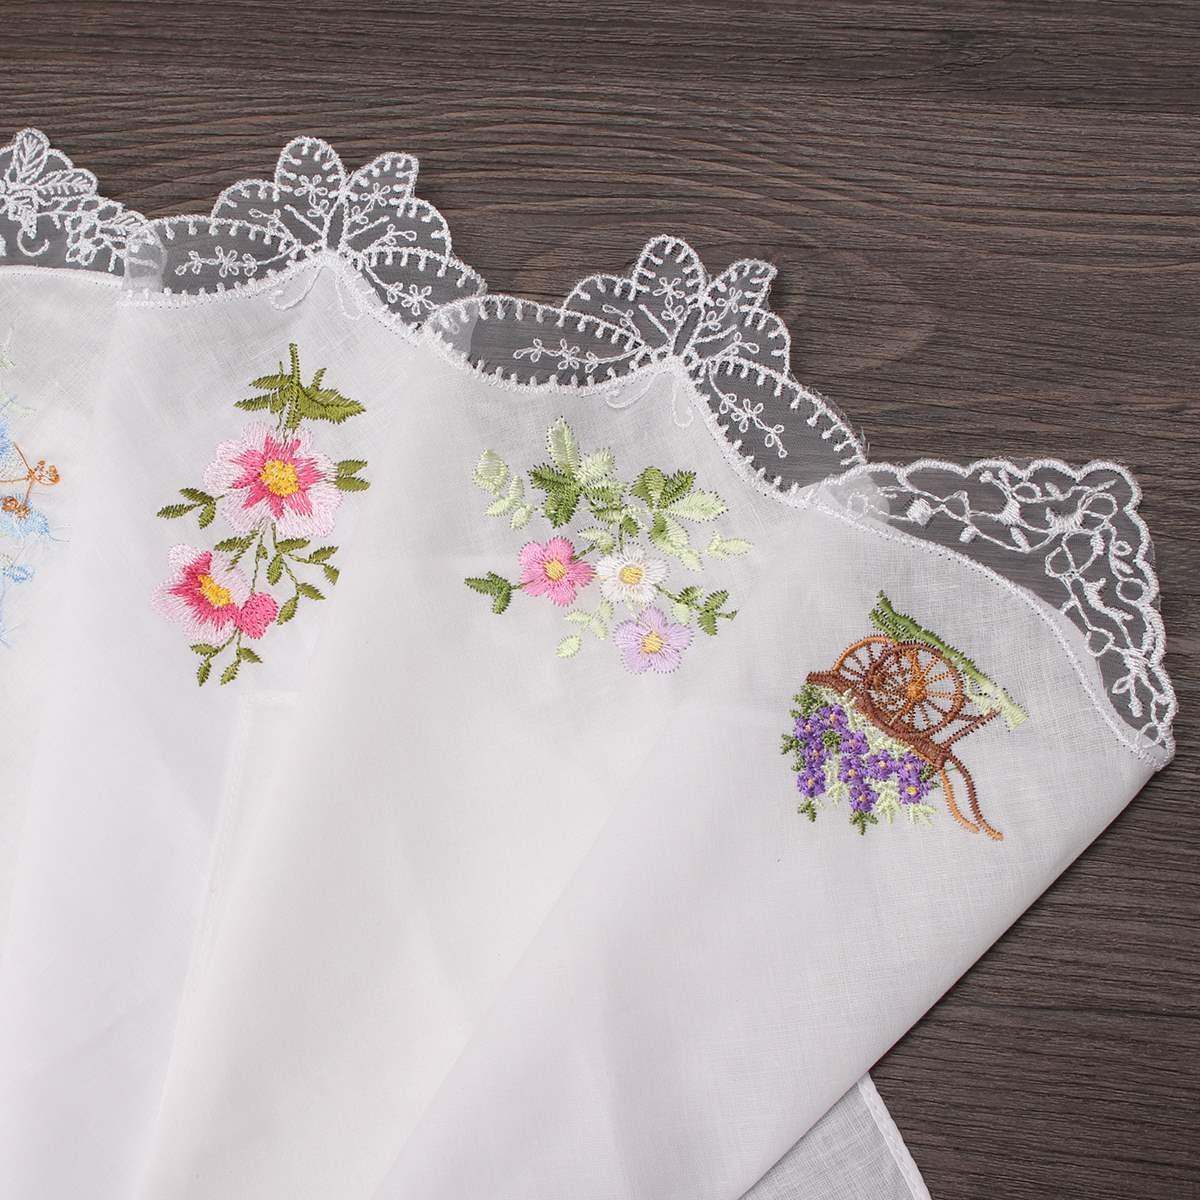 24PCS Vintage Pamuk Kadınlar Hankins İşlemeli Kelebek Dantel Çiçek Hanky Çiçek Karışık Bezi Bayanlar Mendil Kumaşlar